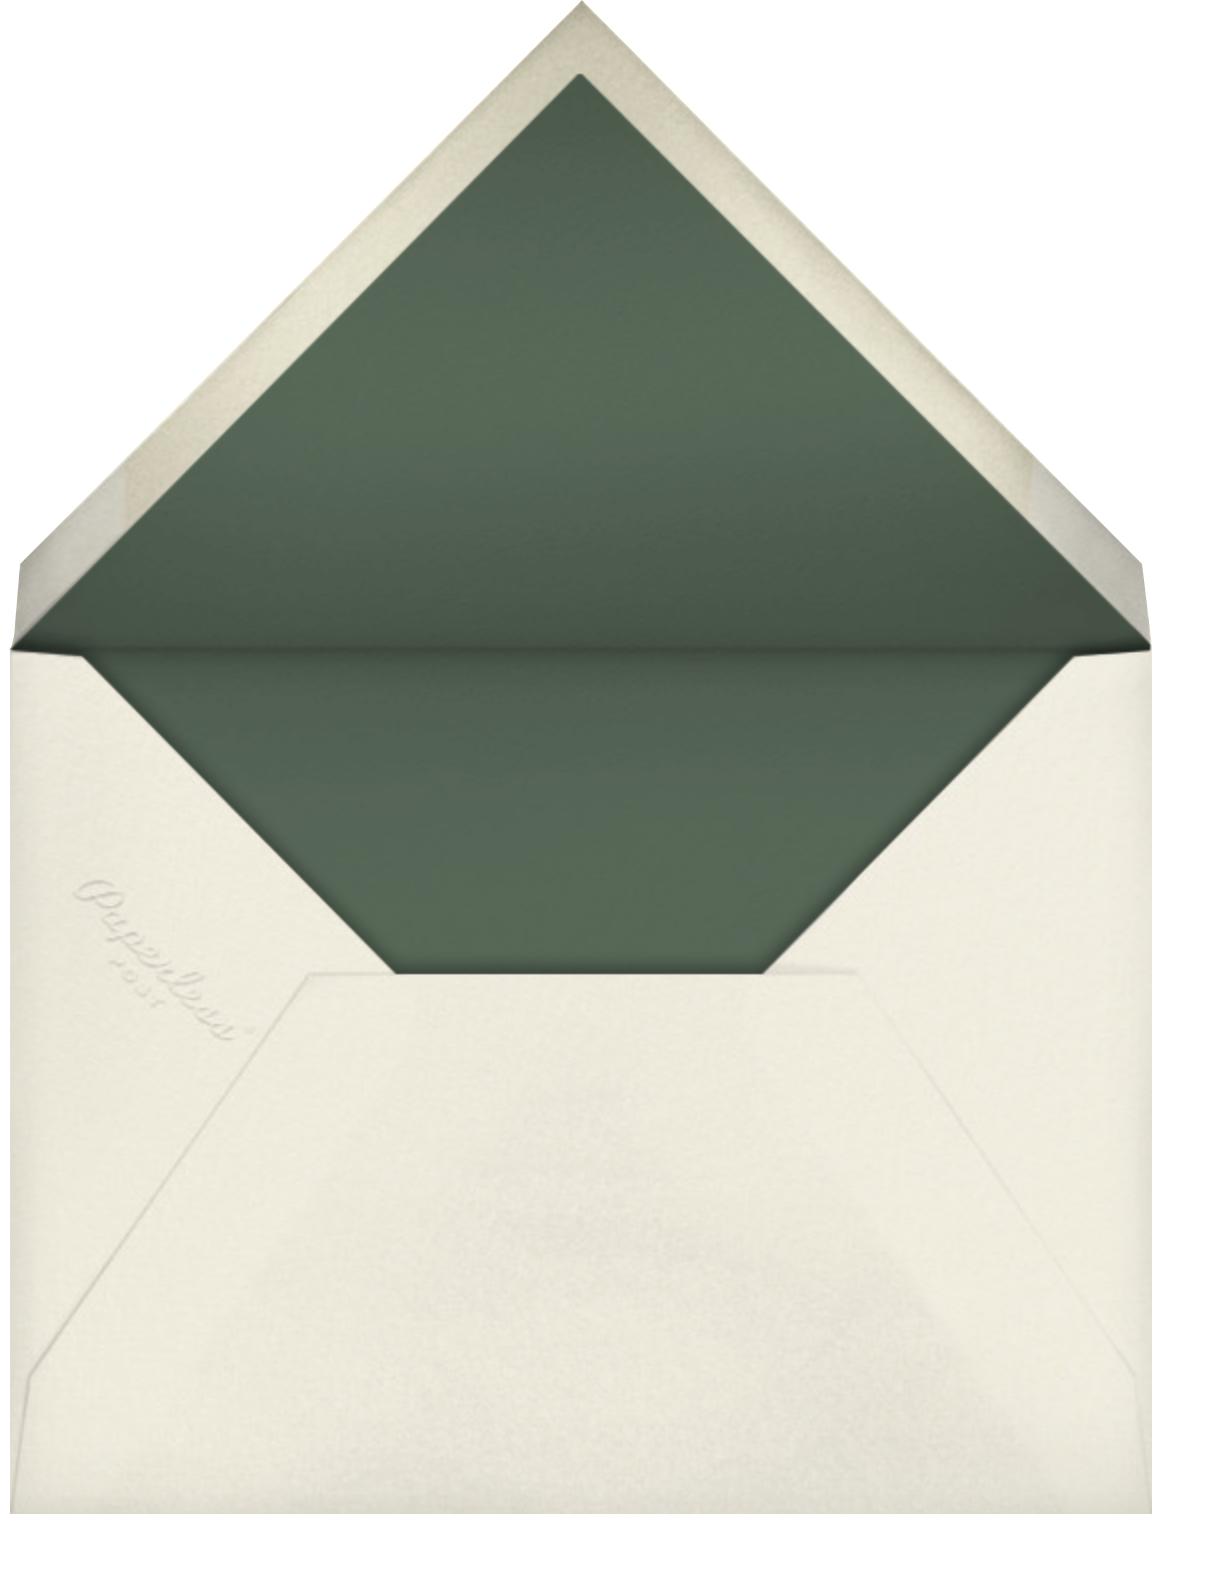 Cadenza - Palm - Venamour - Bridal shower - envelope back